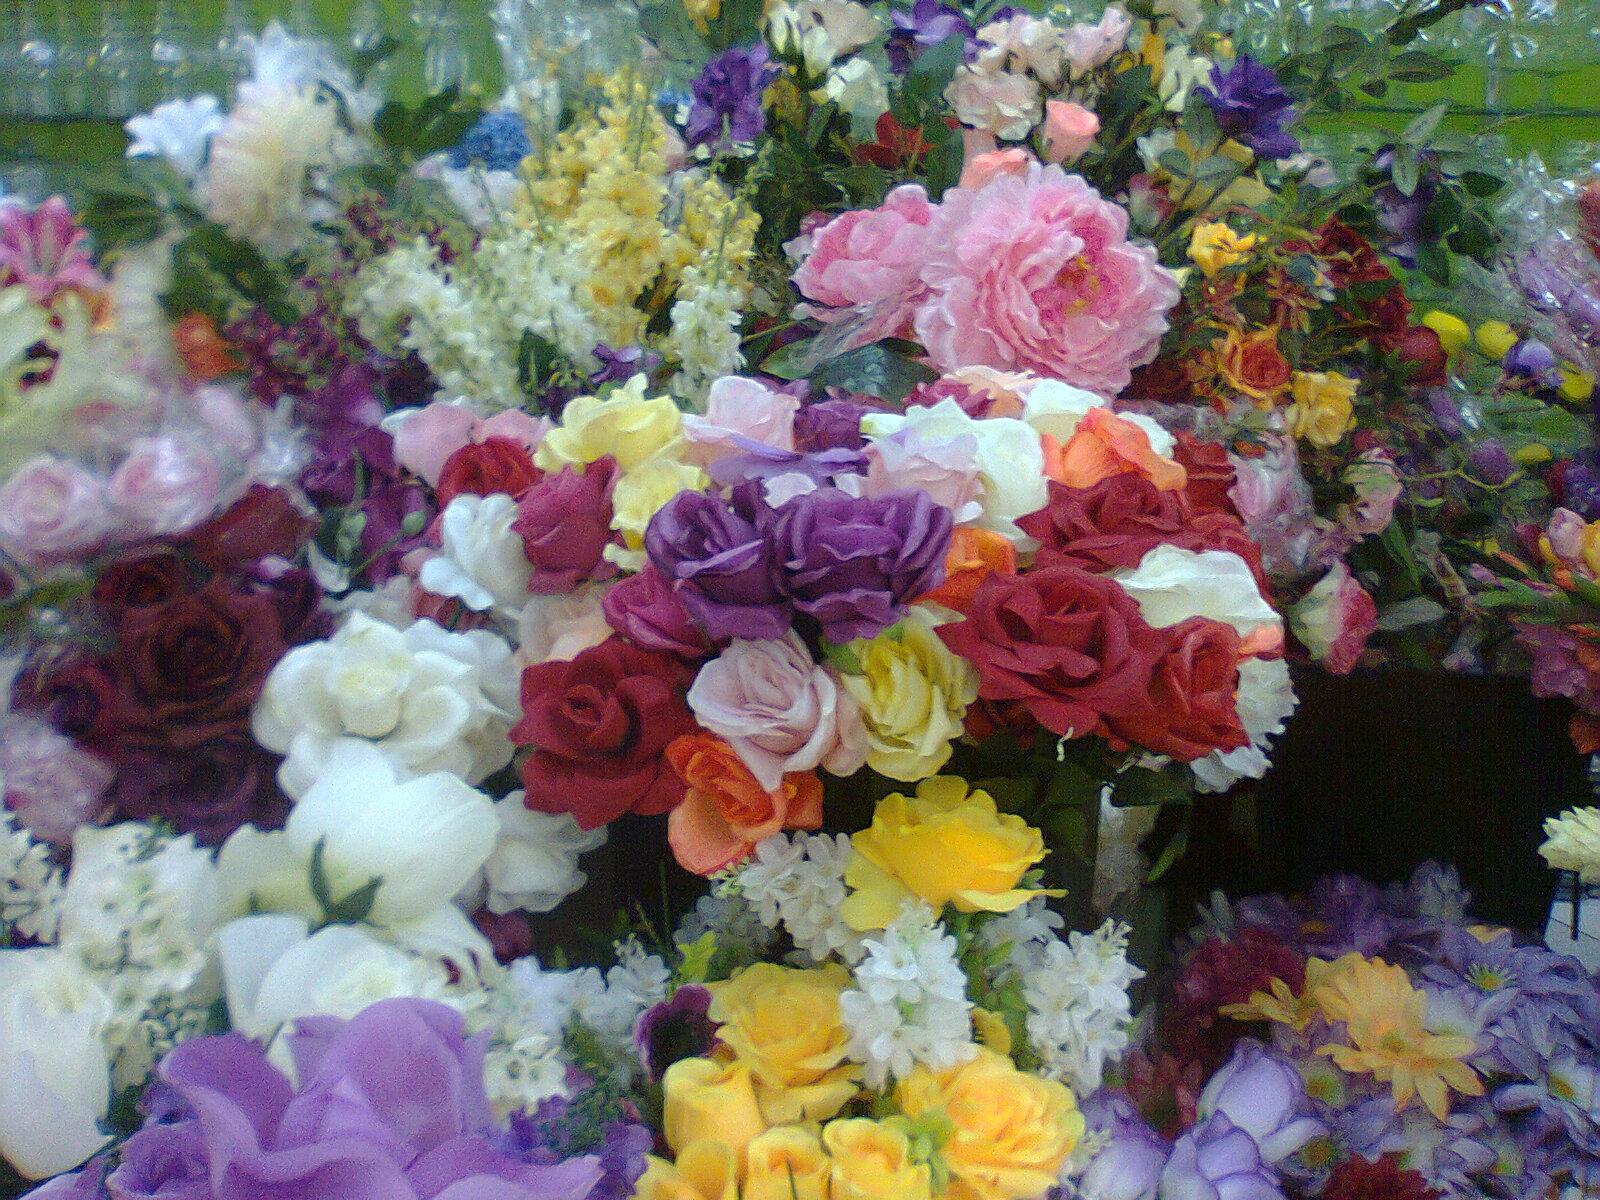 Claudia Lobato - Beijocas Coloridas - Arte e outras alegrias: Profusão -  Flores para quem te quero!